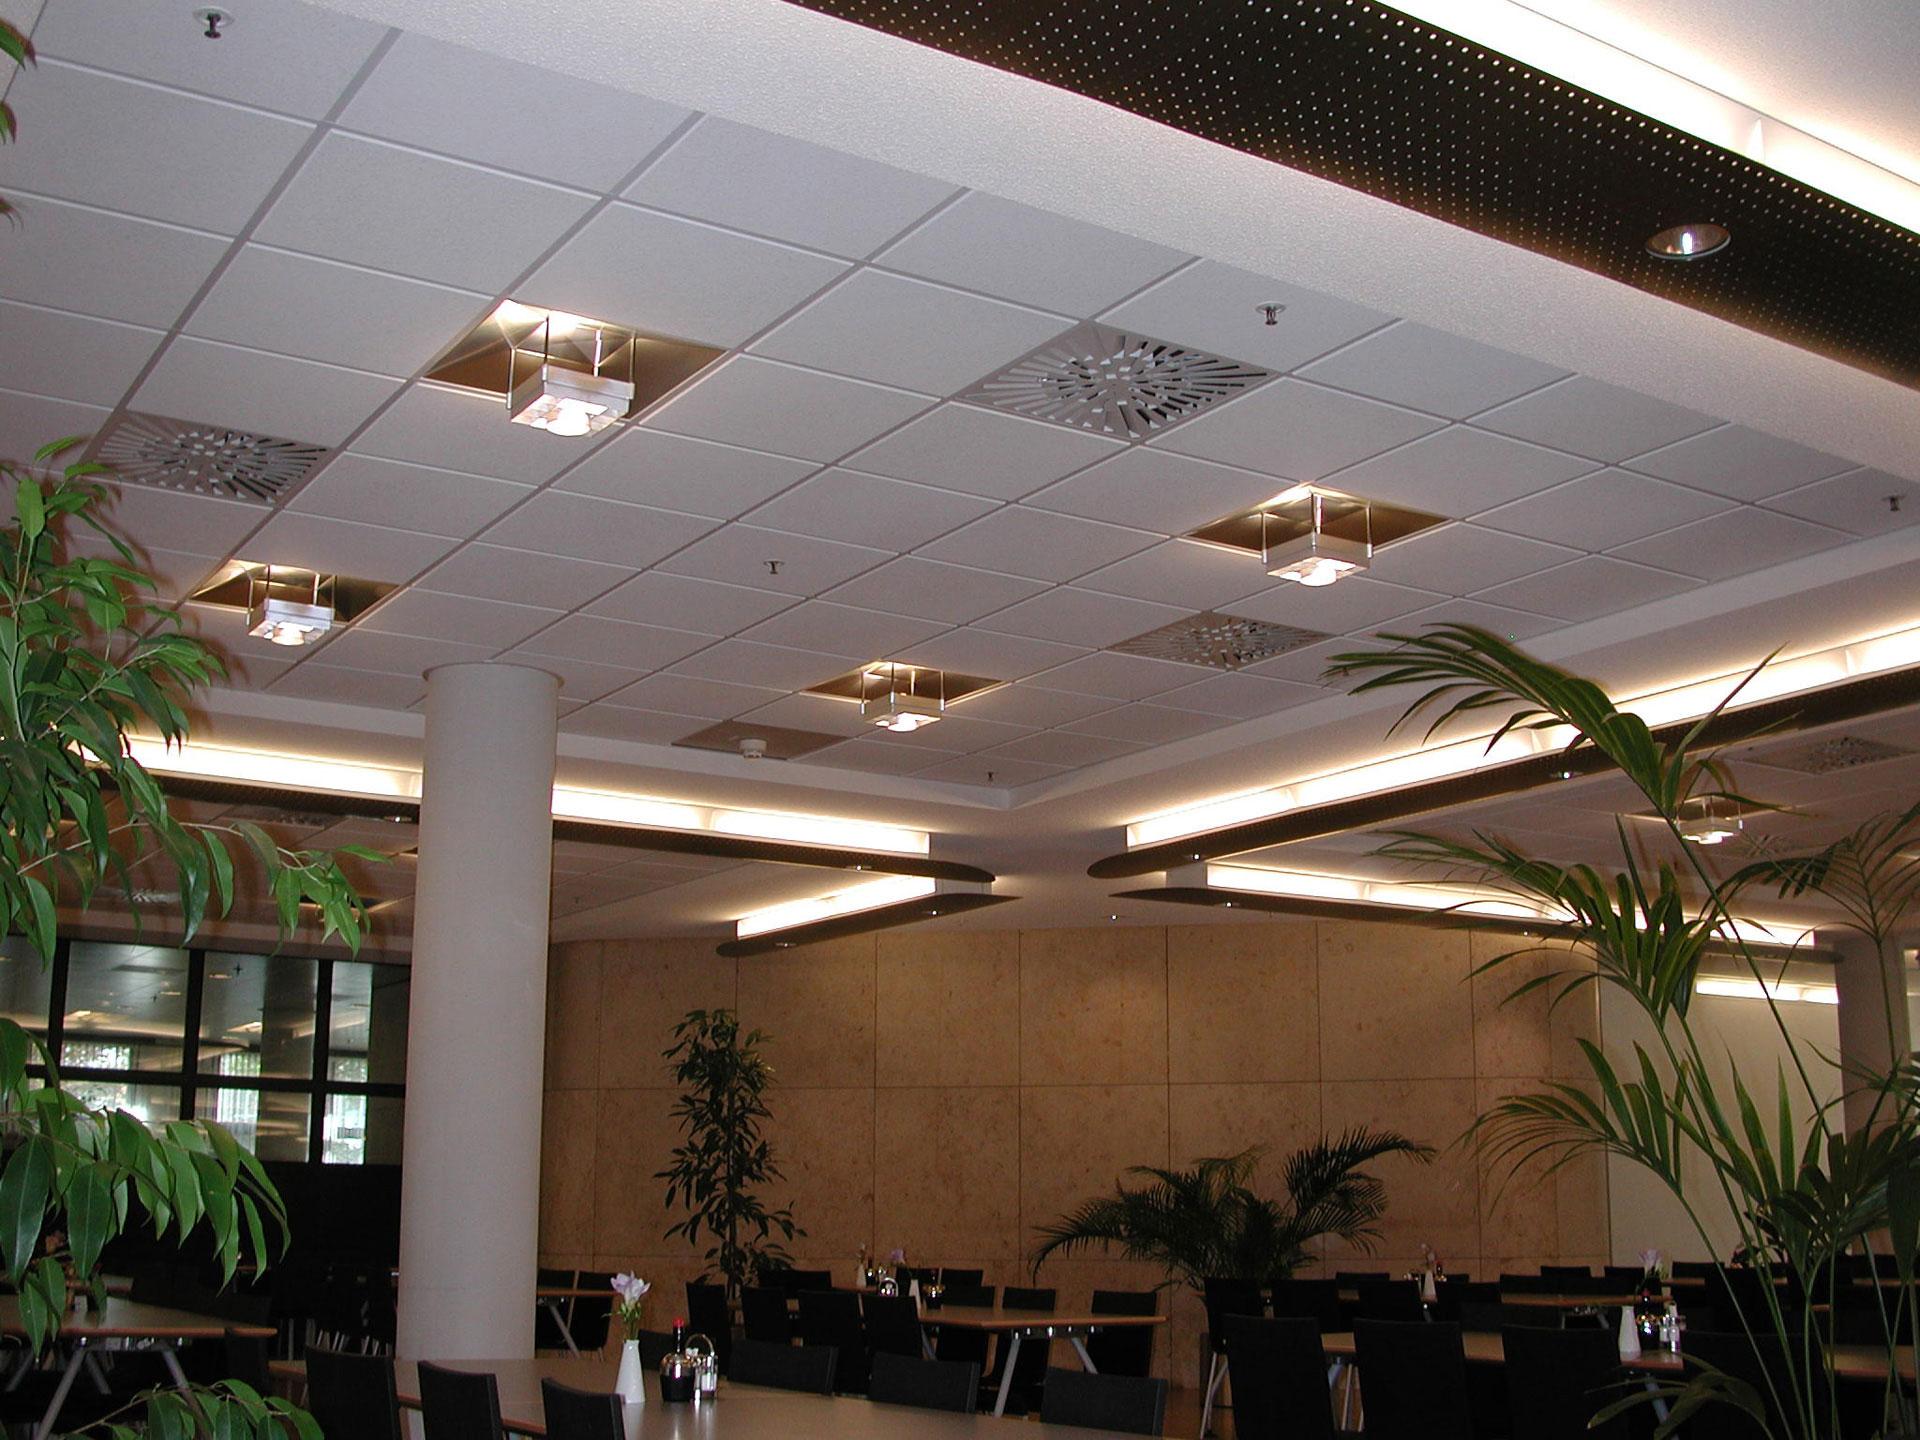 allianz verwaltung m nchen neuperlach schako pure competence in air. Black Bedroom Furniture Sets. Home Design Ideas